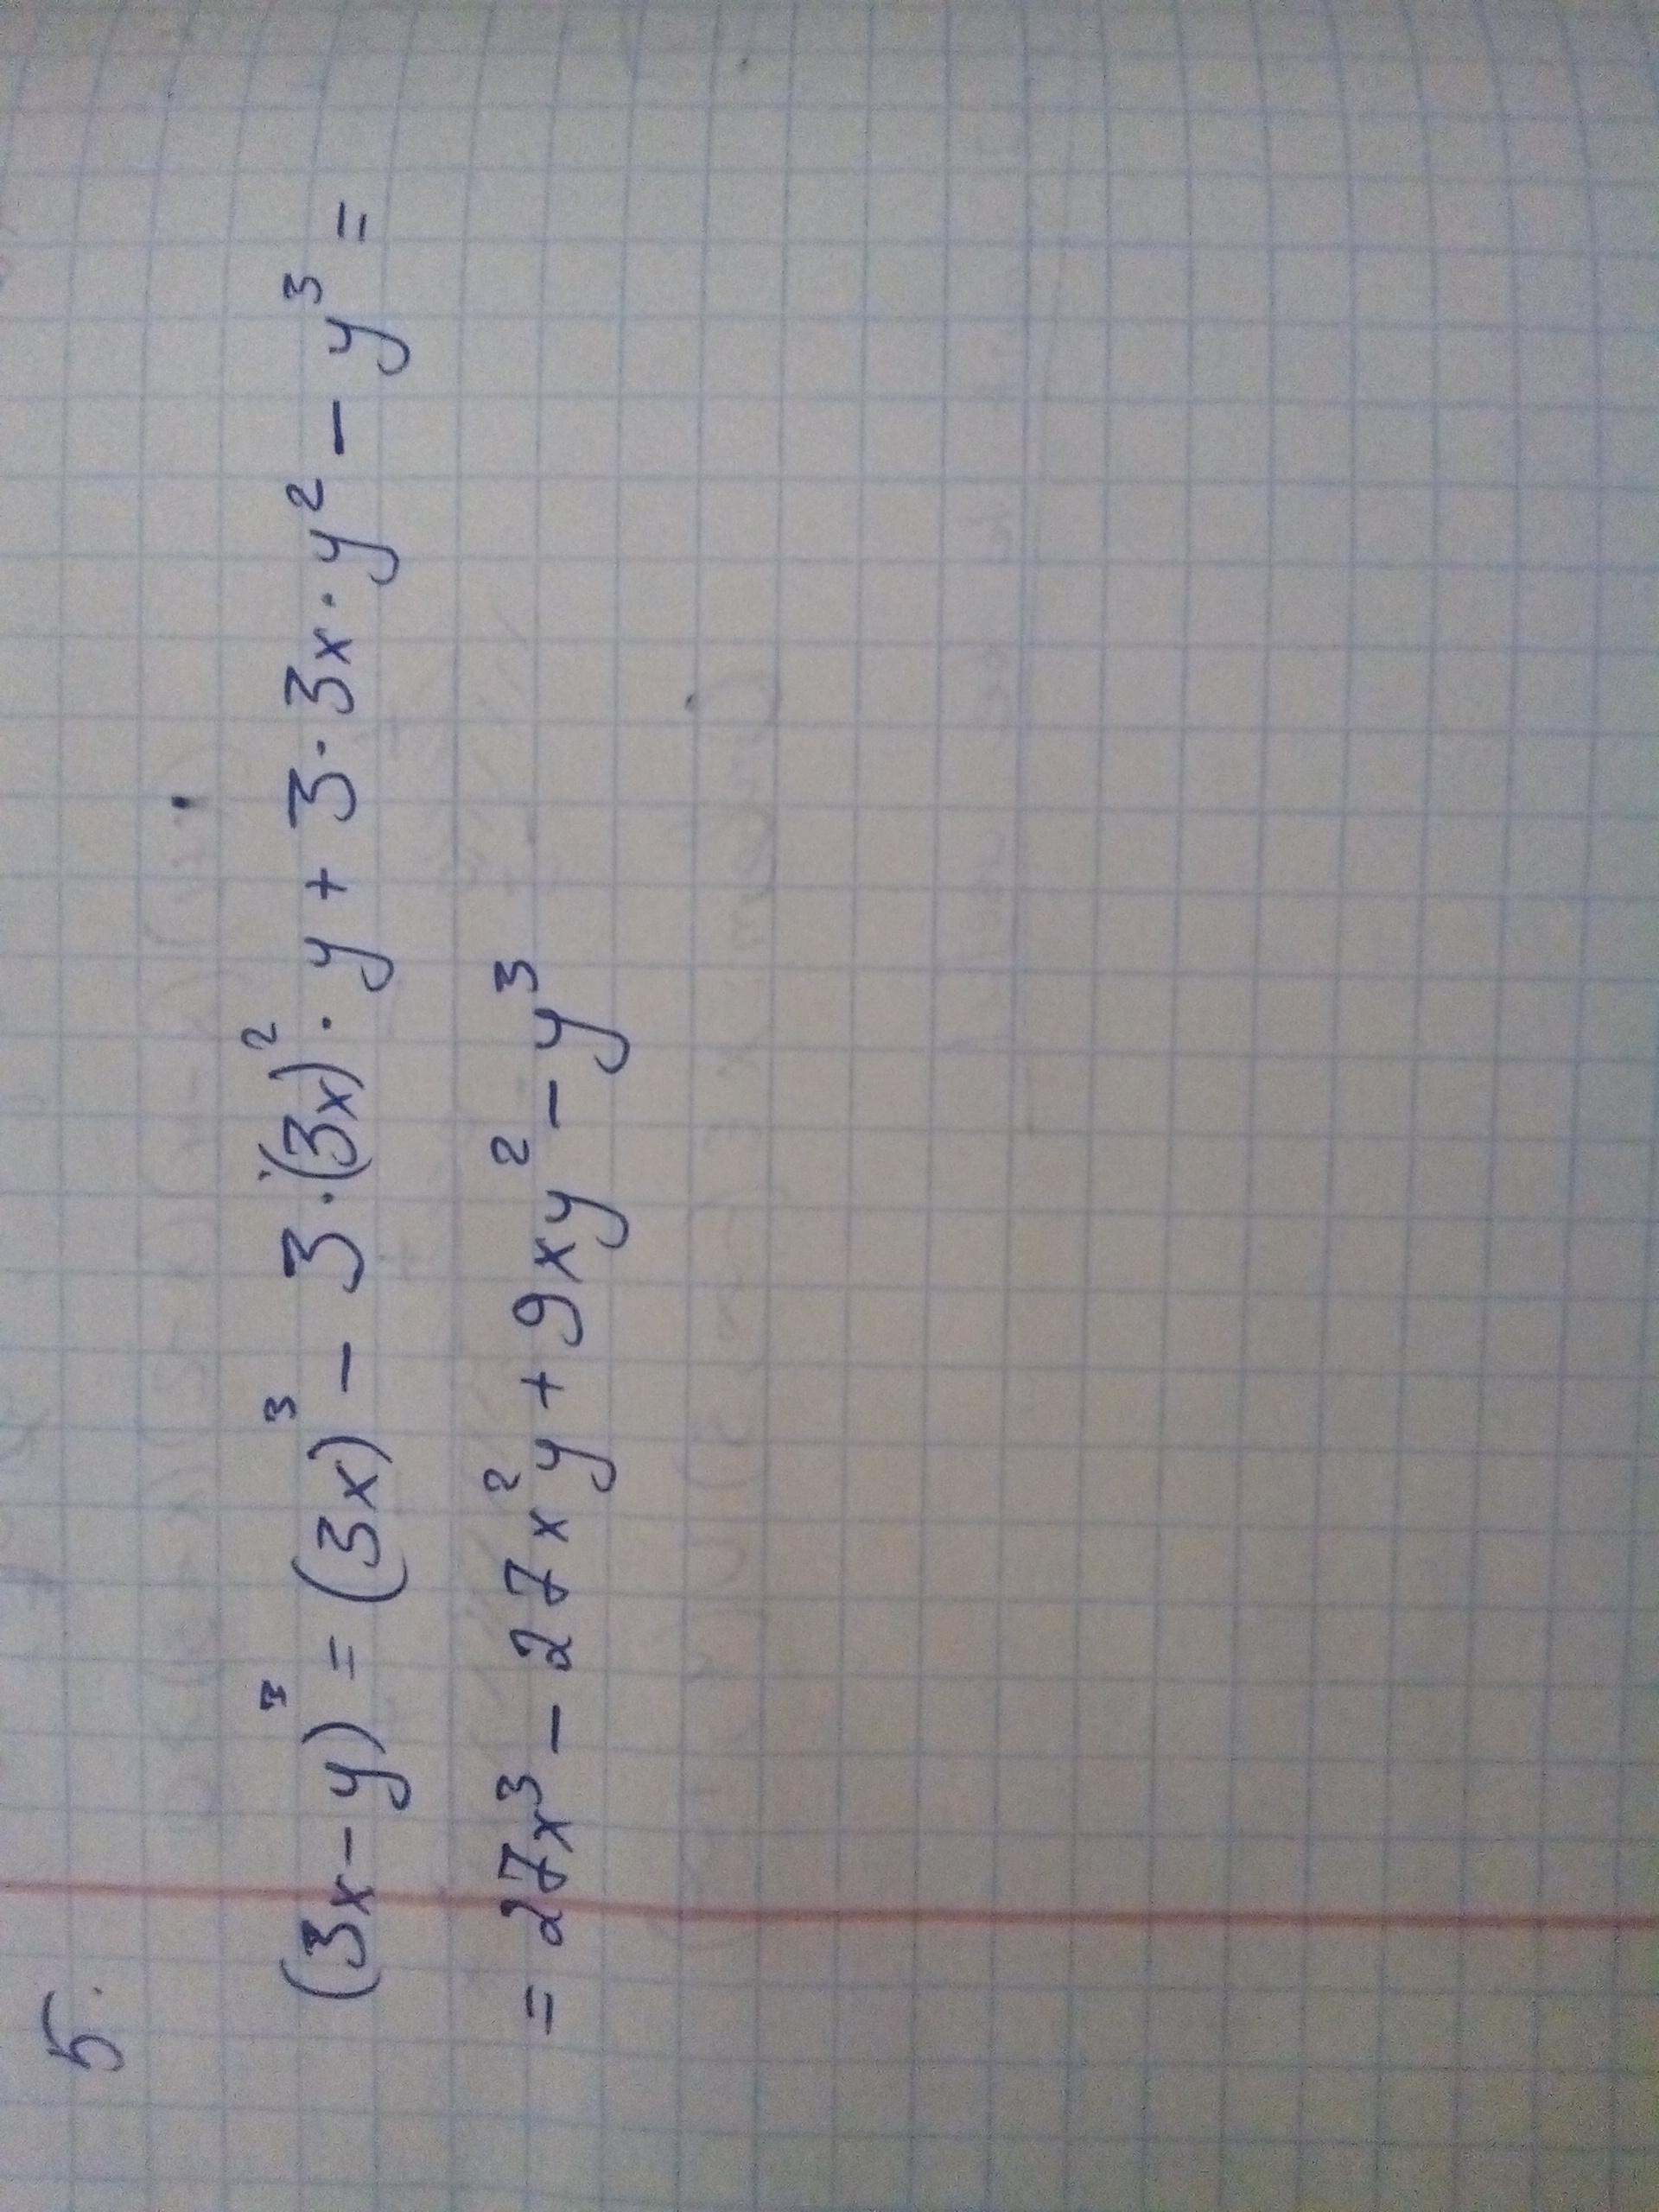 Запишите выражение в виде многочлена: (3x-y)^3.